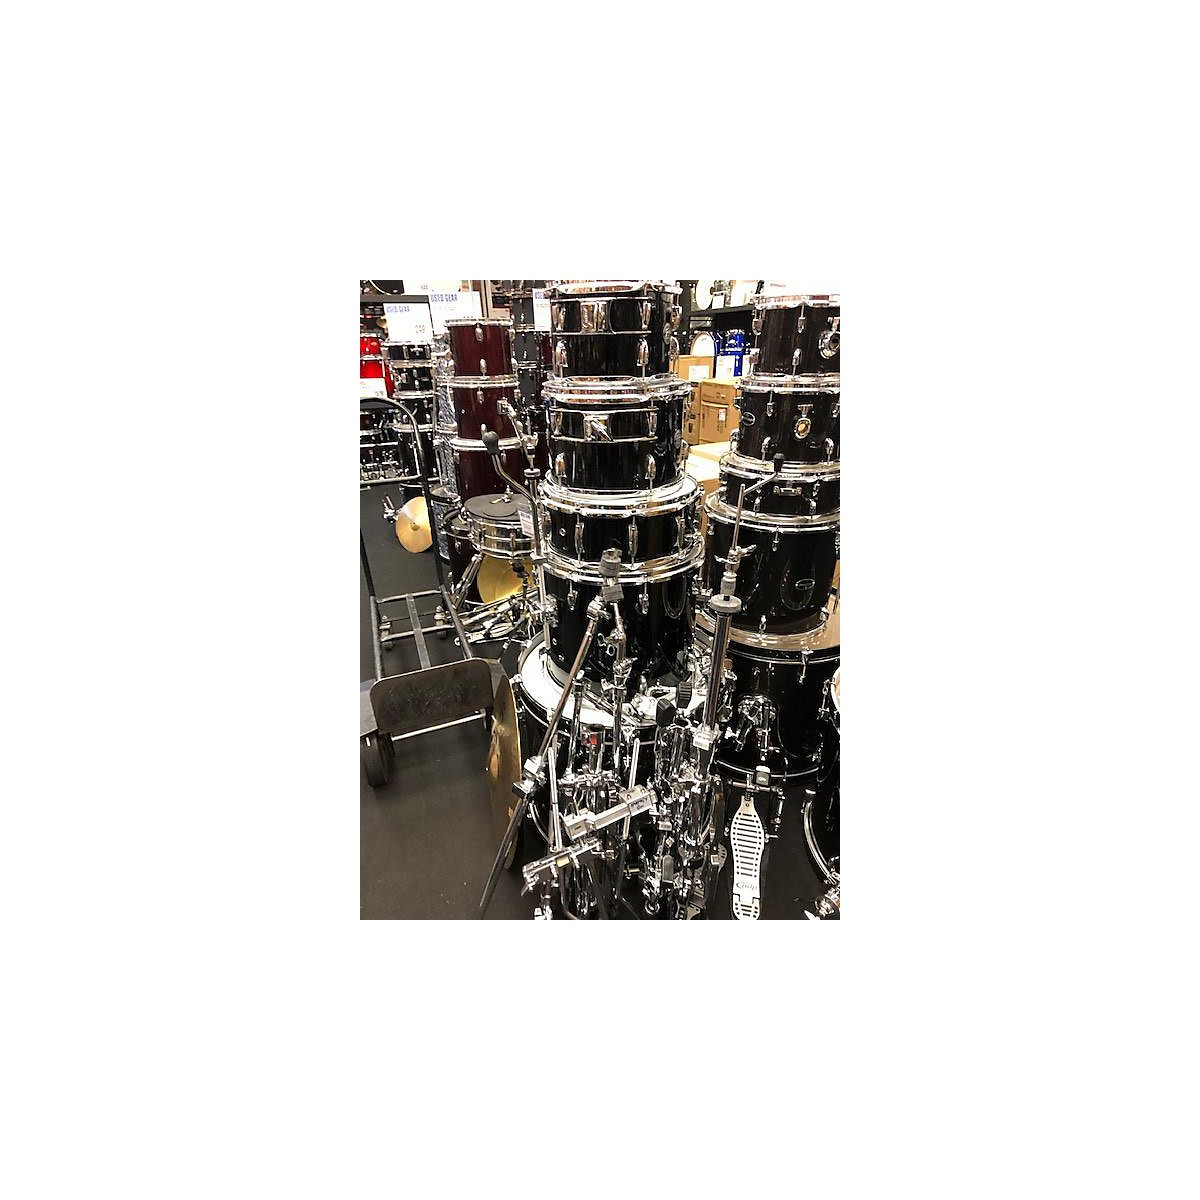 Gretsch Drums Marquee 5 PIECE Drum Kit